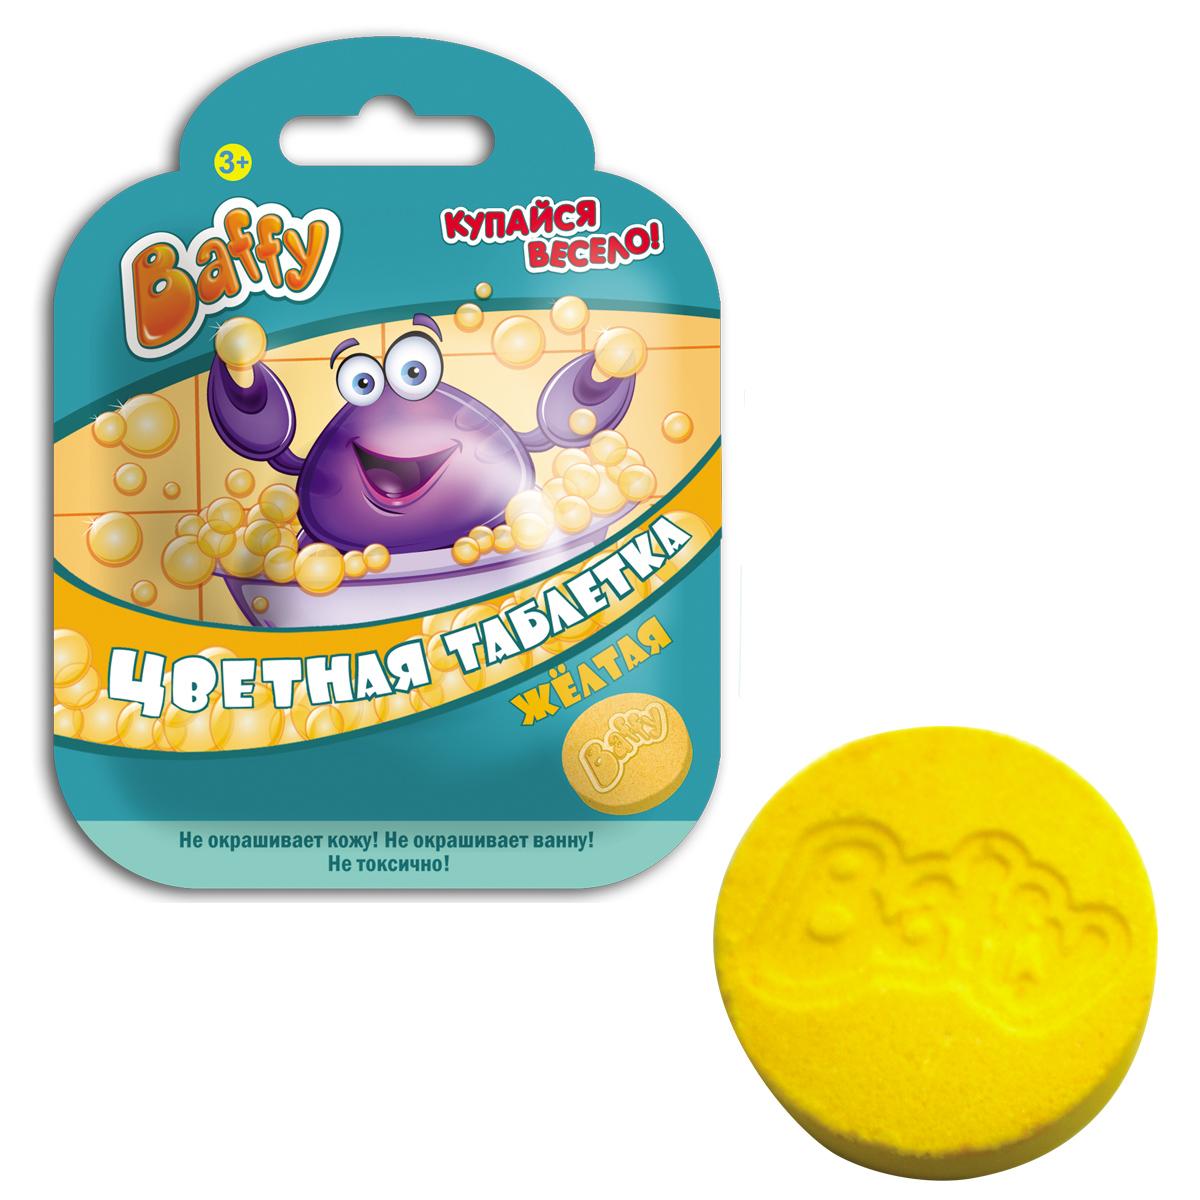 Baffy Средство для купания Цветная таблетка цвет желтый